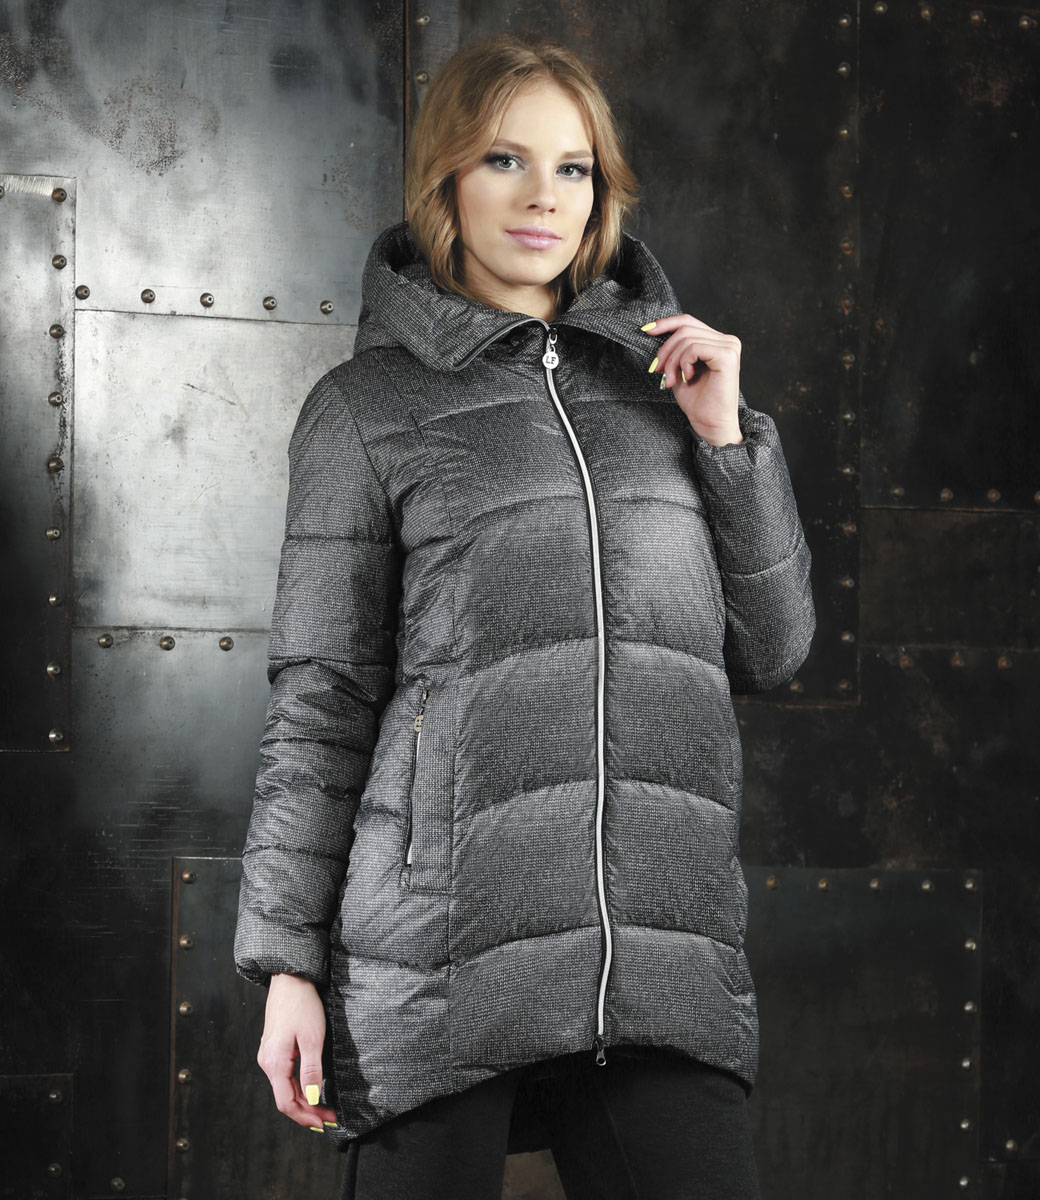 Куртка женская Grishko, цвет: серый. AL-2961/1. Размер 42AL-2961/1Удобная и комфортная женская куртка Grishko модного силуэта кокон выполнена из высококачественного полиамида и 100% утеплителя-полиэстера.Модель застегивается на застежку-молнию спереди и дополнена элегантным глубоким капюшоном, дополнительно защищающим от непогоды. Длина до середины бедра, удлиненная по спинке ассиметричная линия низа, 2 боковых втачных кармана на молнии и один потайной внутри изделия. Такая курточка оформлена оригинальным цветочным узором. Незаменимая модель в холодную осеннюю и зимнюю погоду. Утеплитель 100% полиэстер.